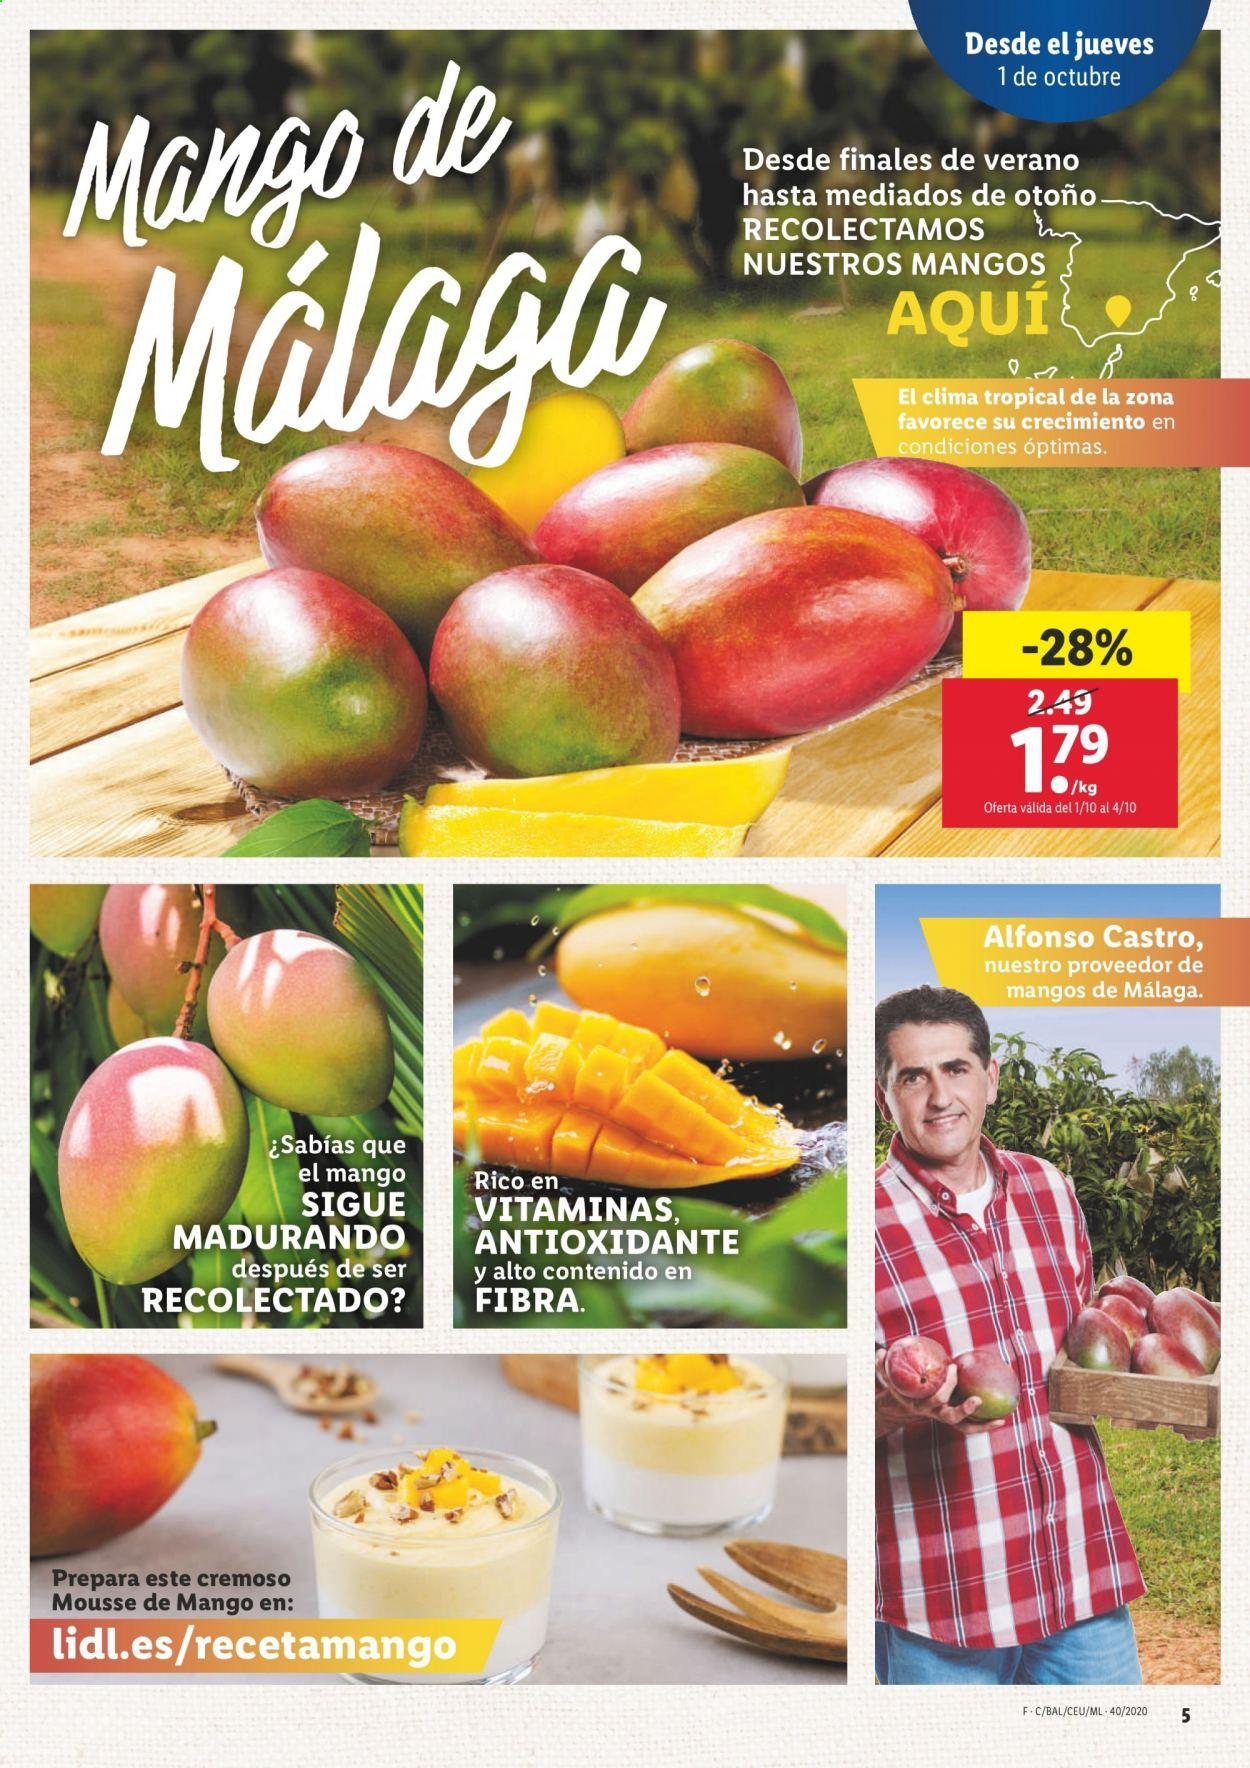 MANGO DE MÁLAGA Categoría: I bandeja de 1KG.(producto 100% español)Rico en vitaminas, antioxidante y alto contenido en fibra.